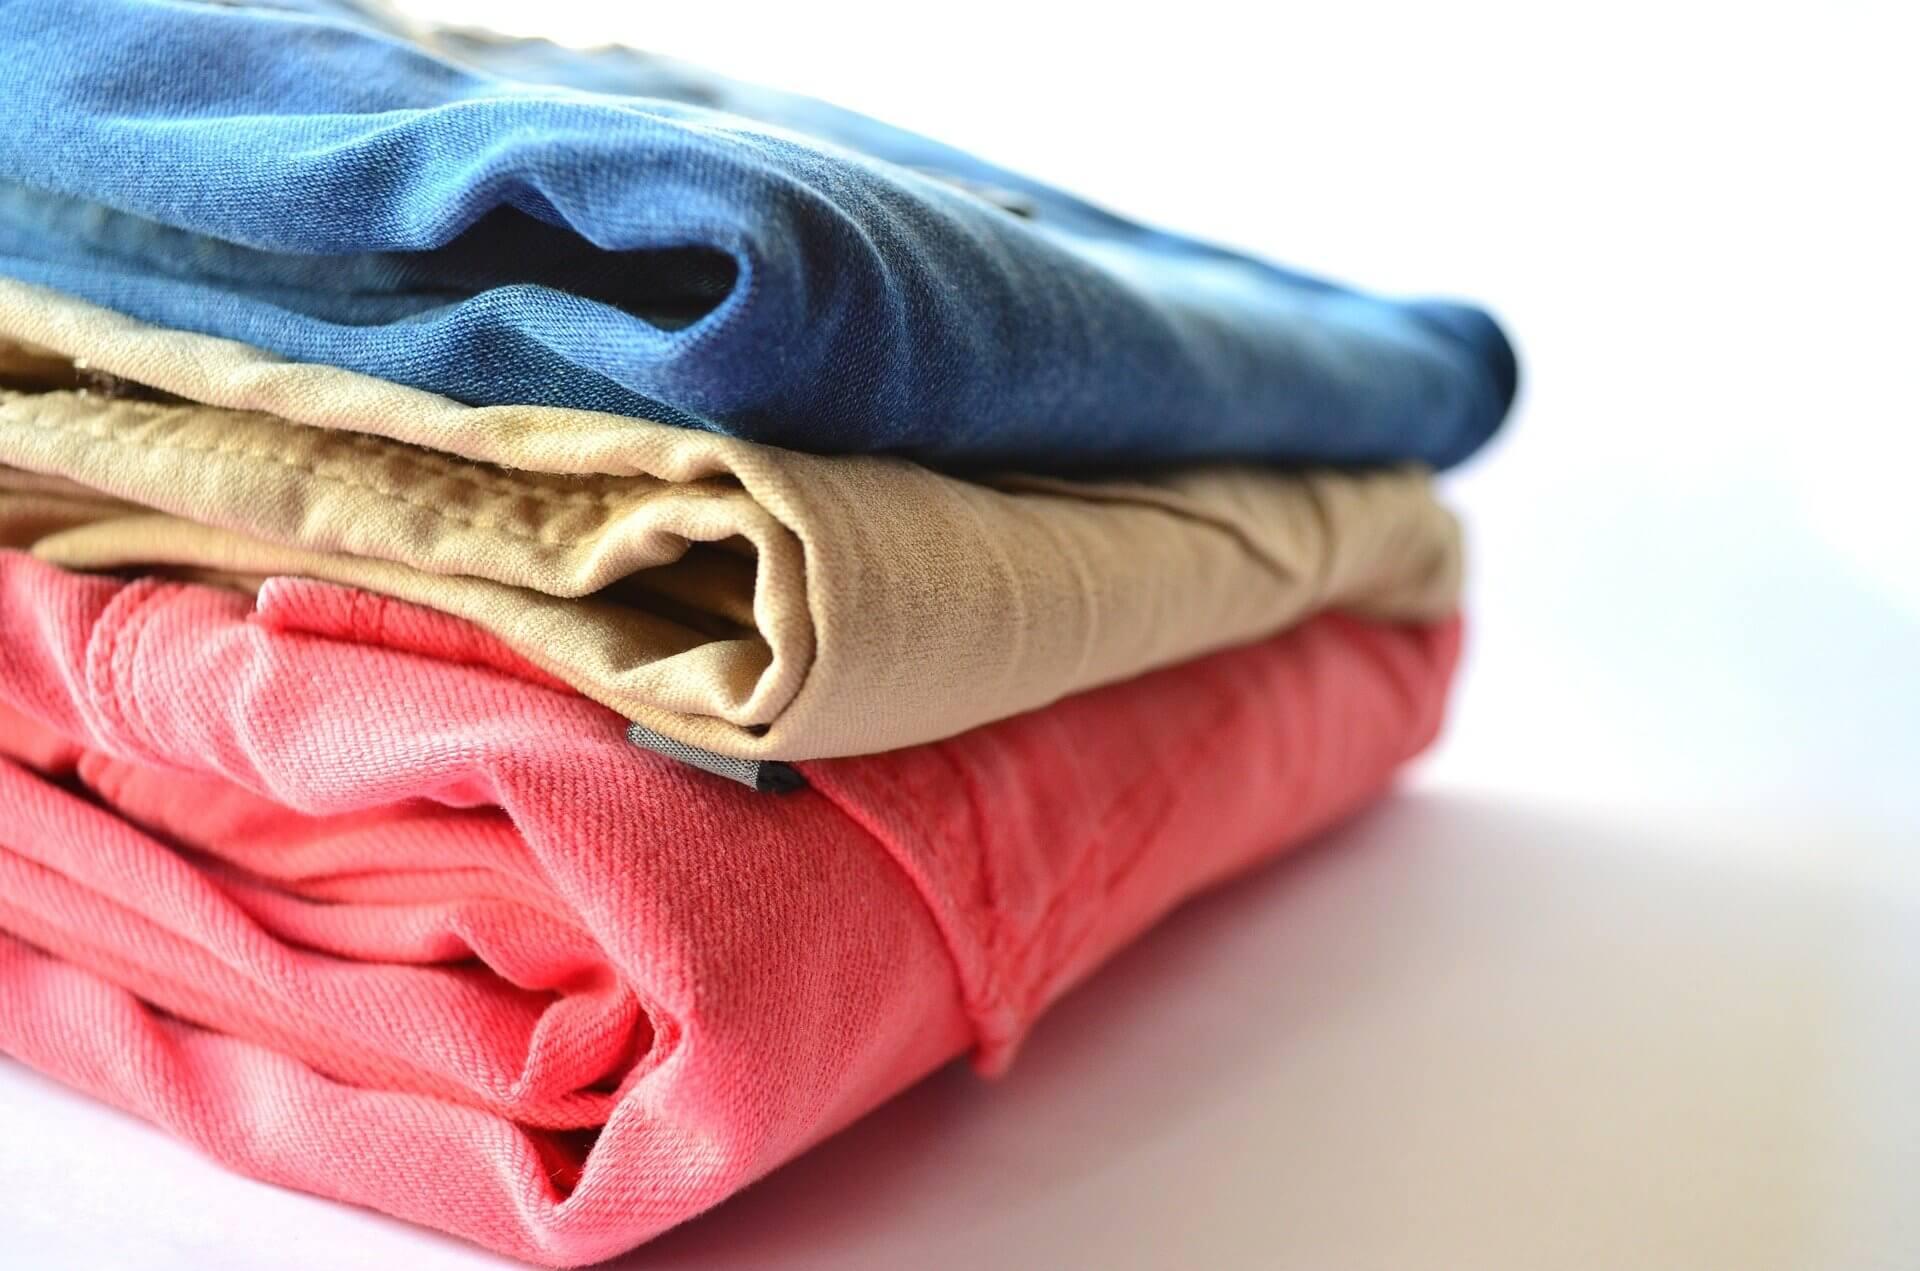 clothe fabric-Medtecs